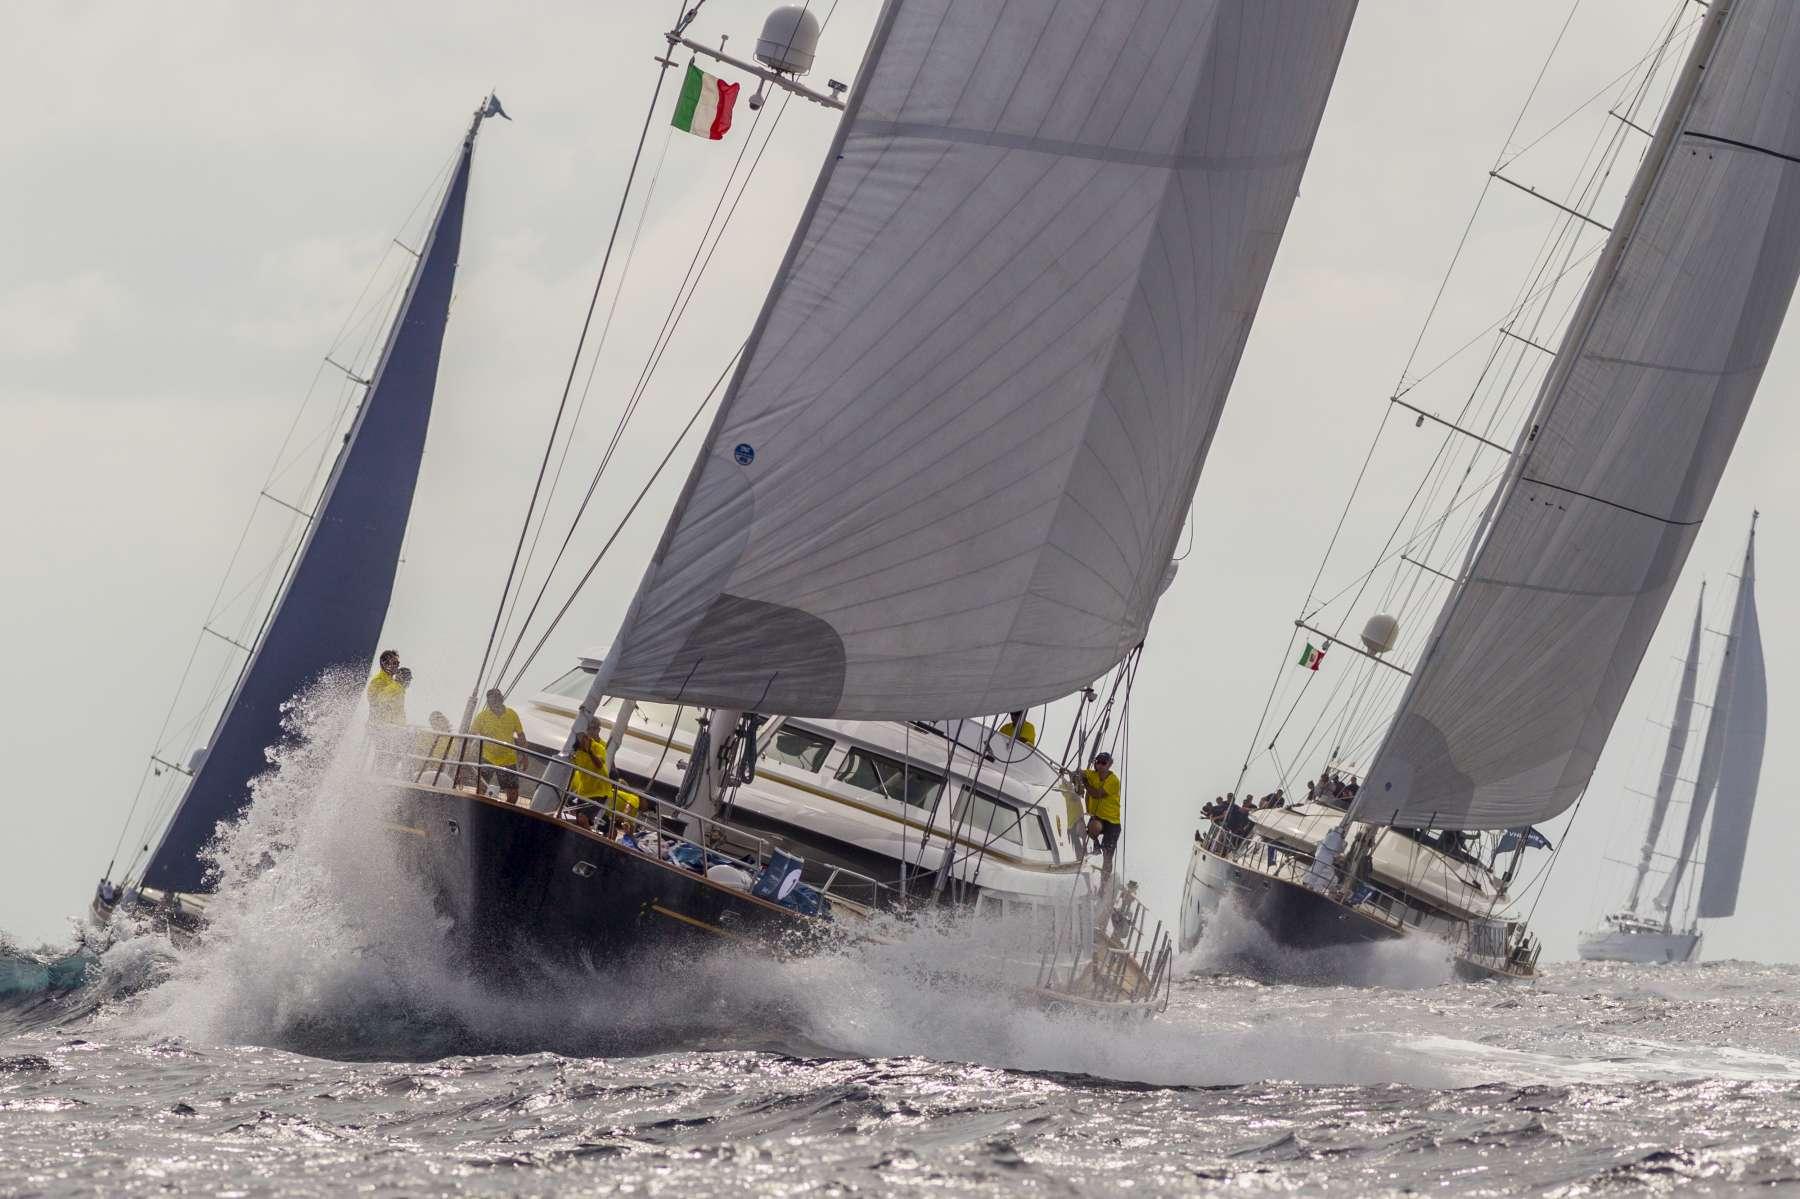 Perini Navi Cup: Silencio e Maltese Falcon vincitori di giornata nelle rispettive classi, Cruiser Racer e Corinthians Spirit - NEWS - Yacht Club Costa Smeralda